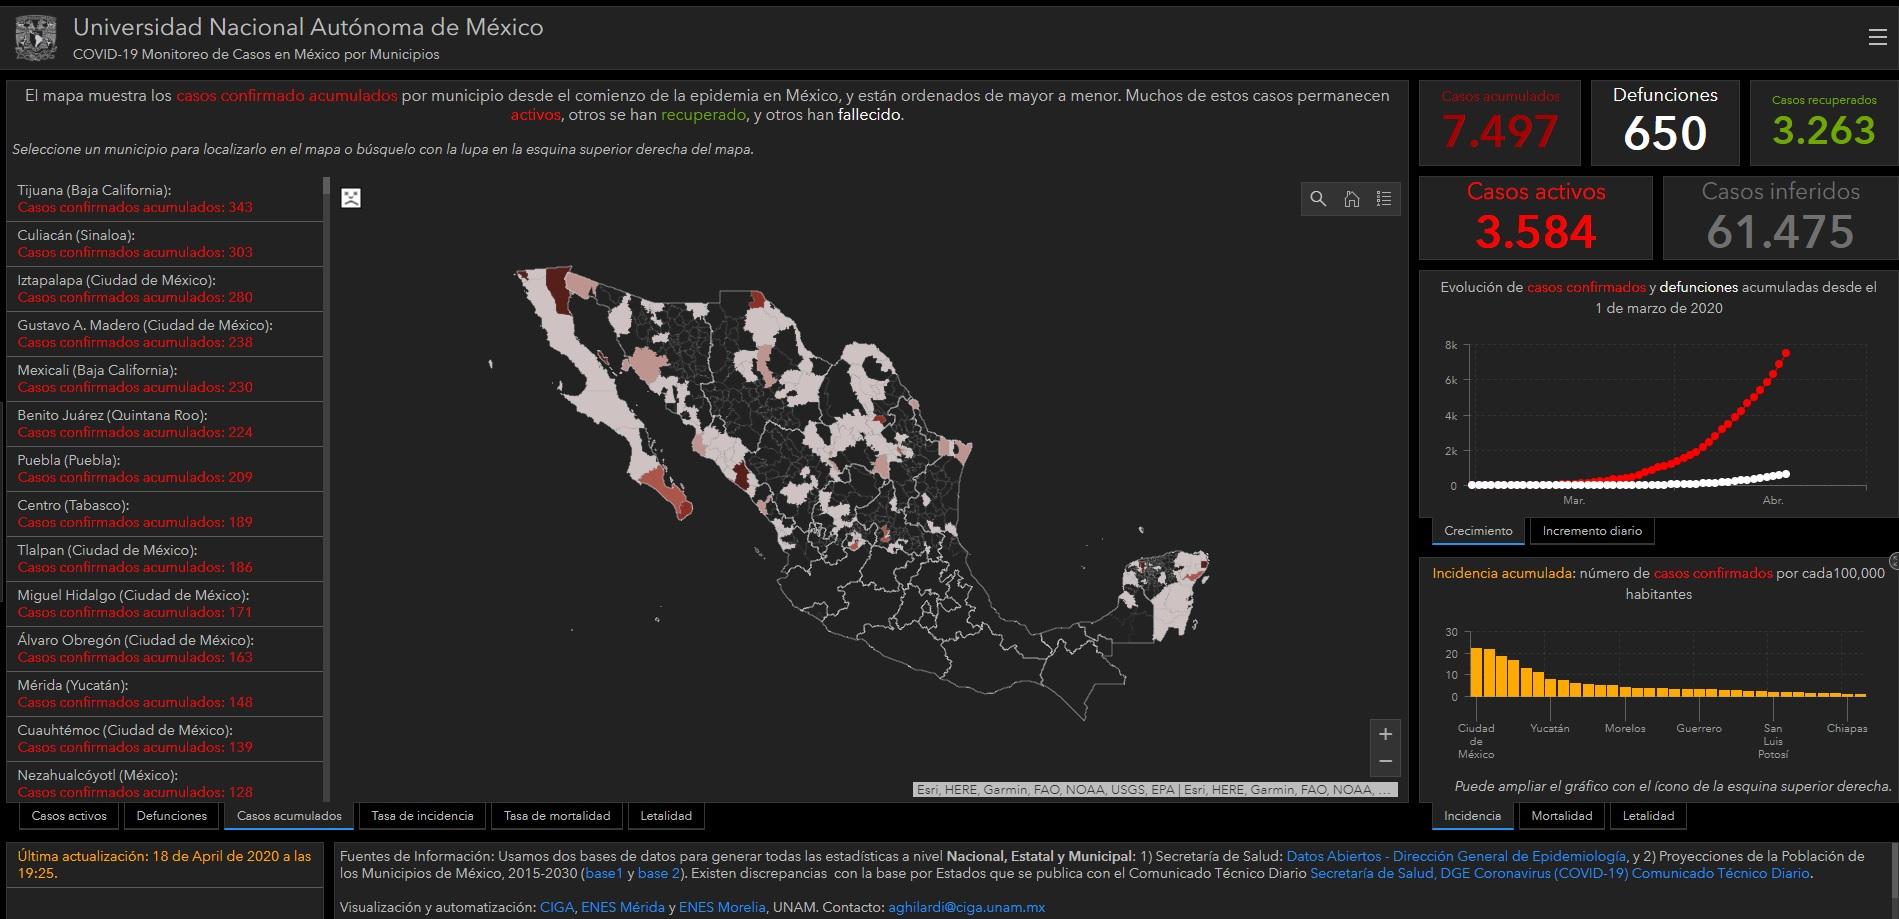 50% de defunciones por COVID19 se concentra en 26 ciudades